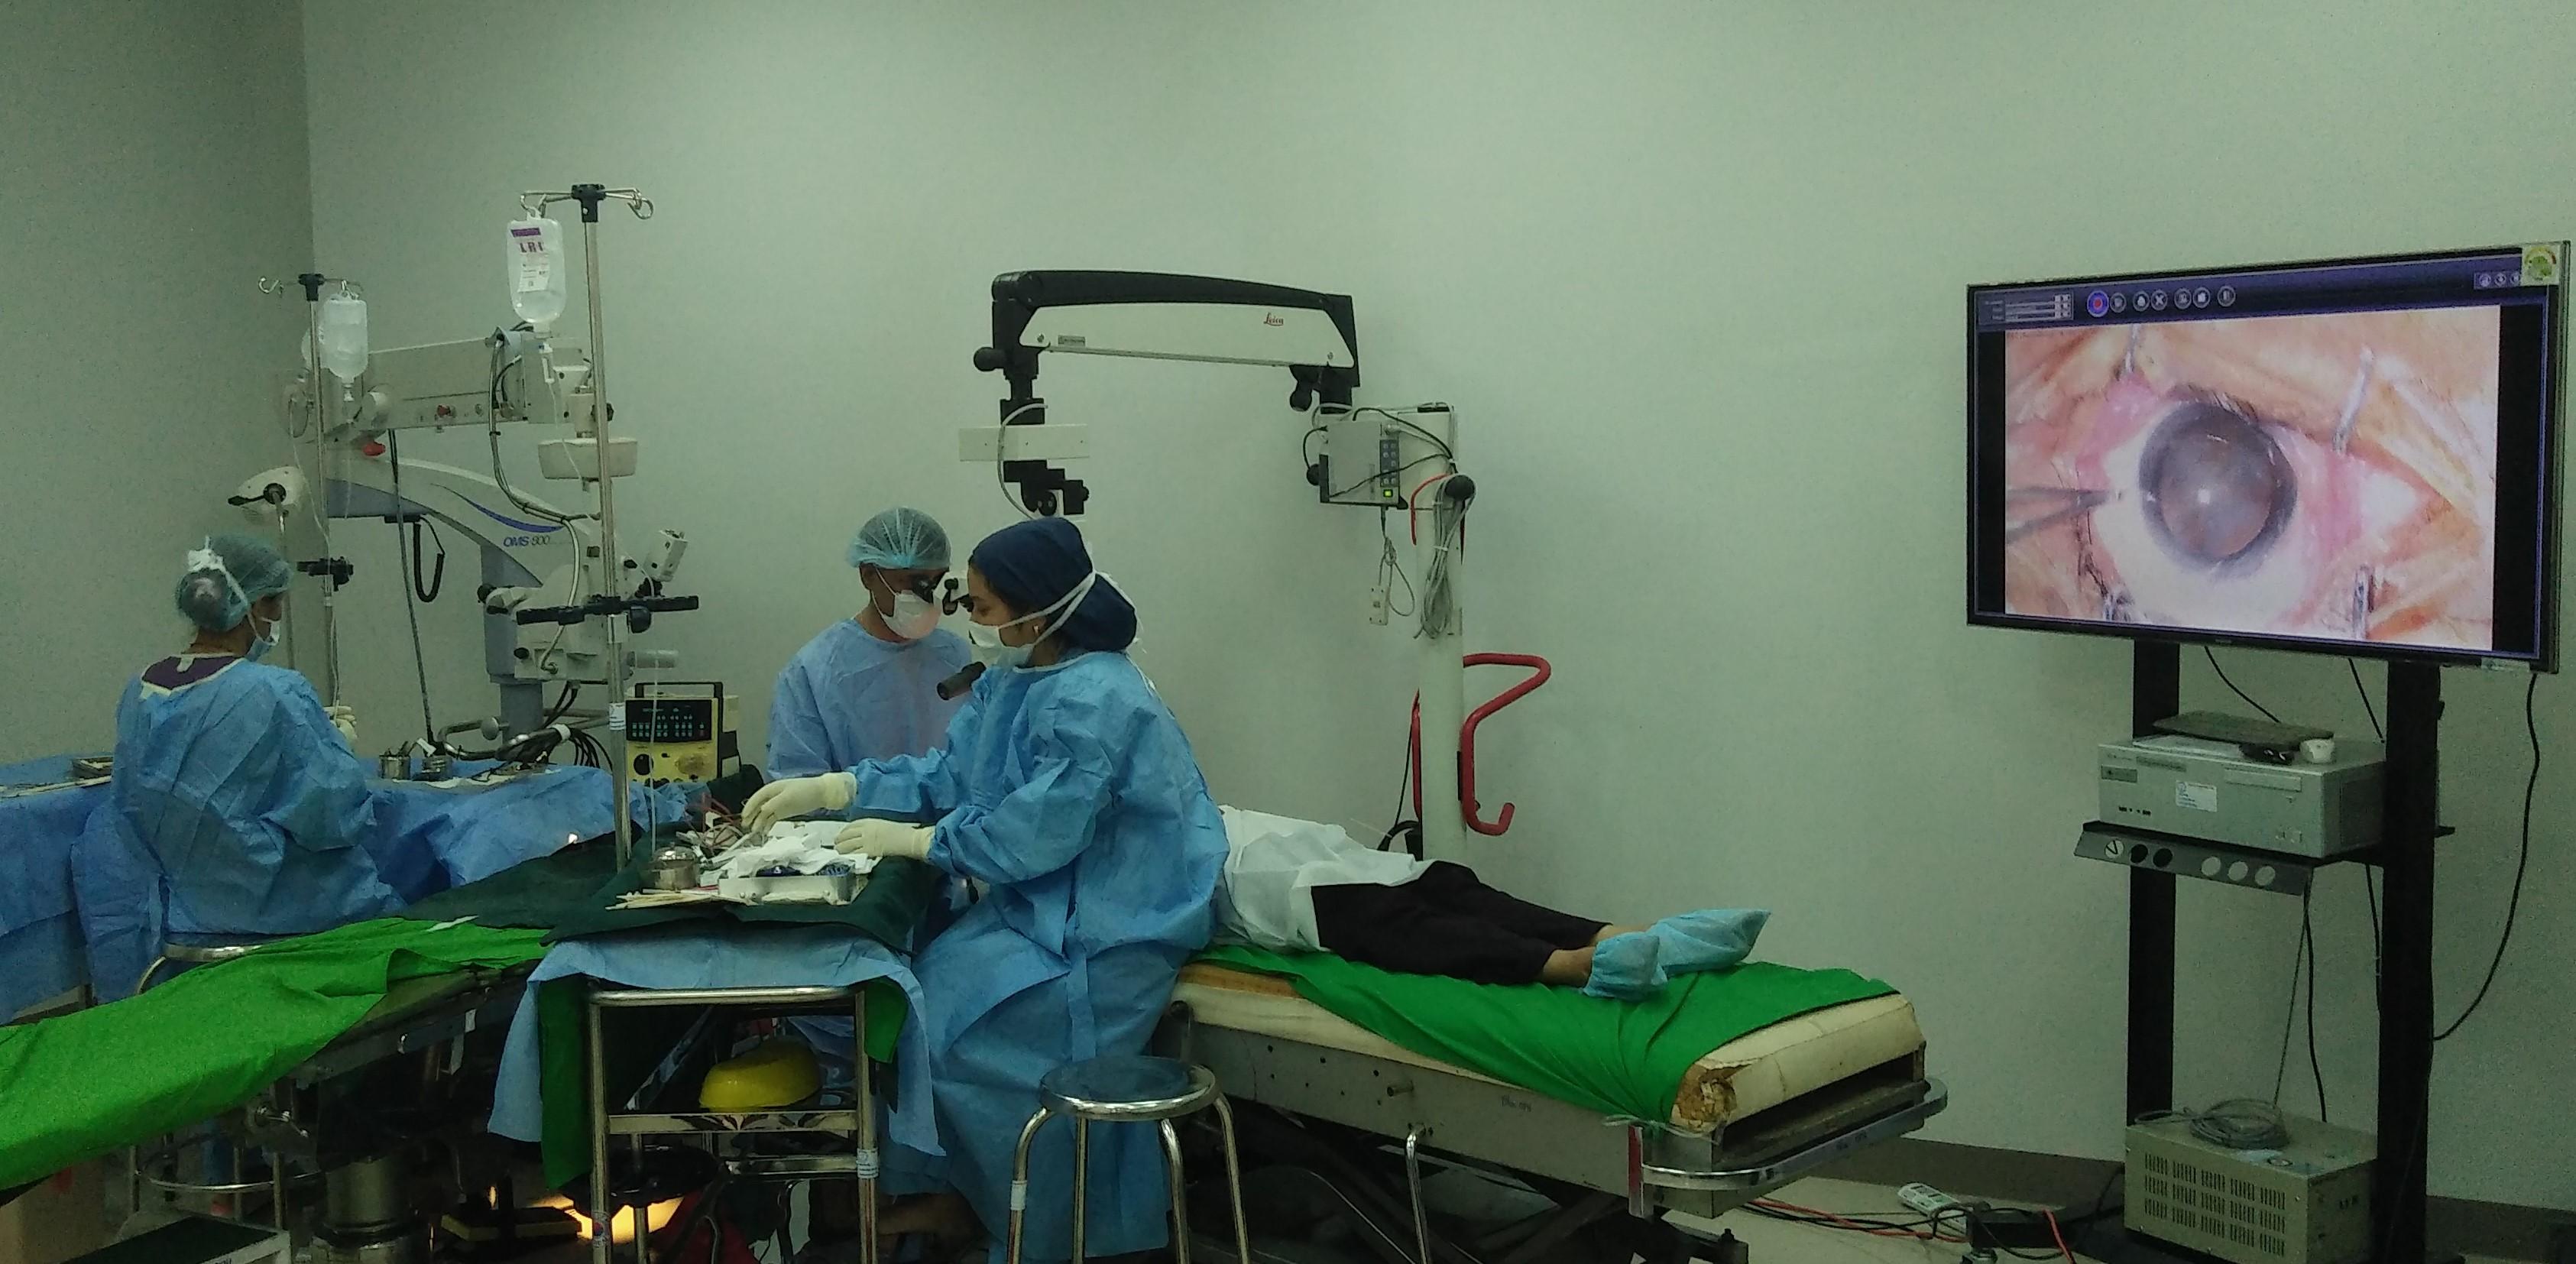 Dr-govinda-poudel-surgery